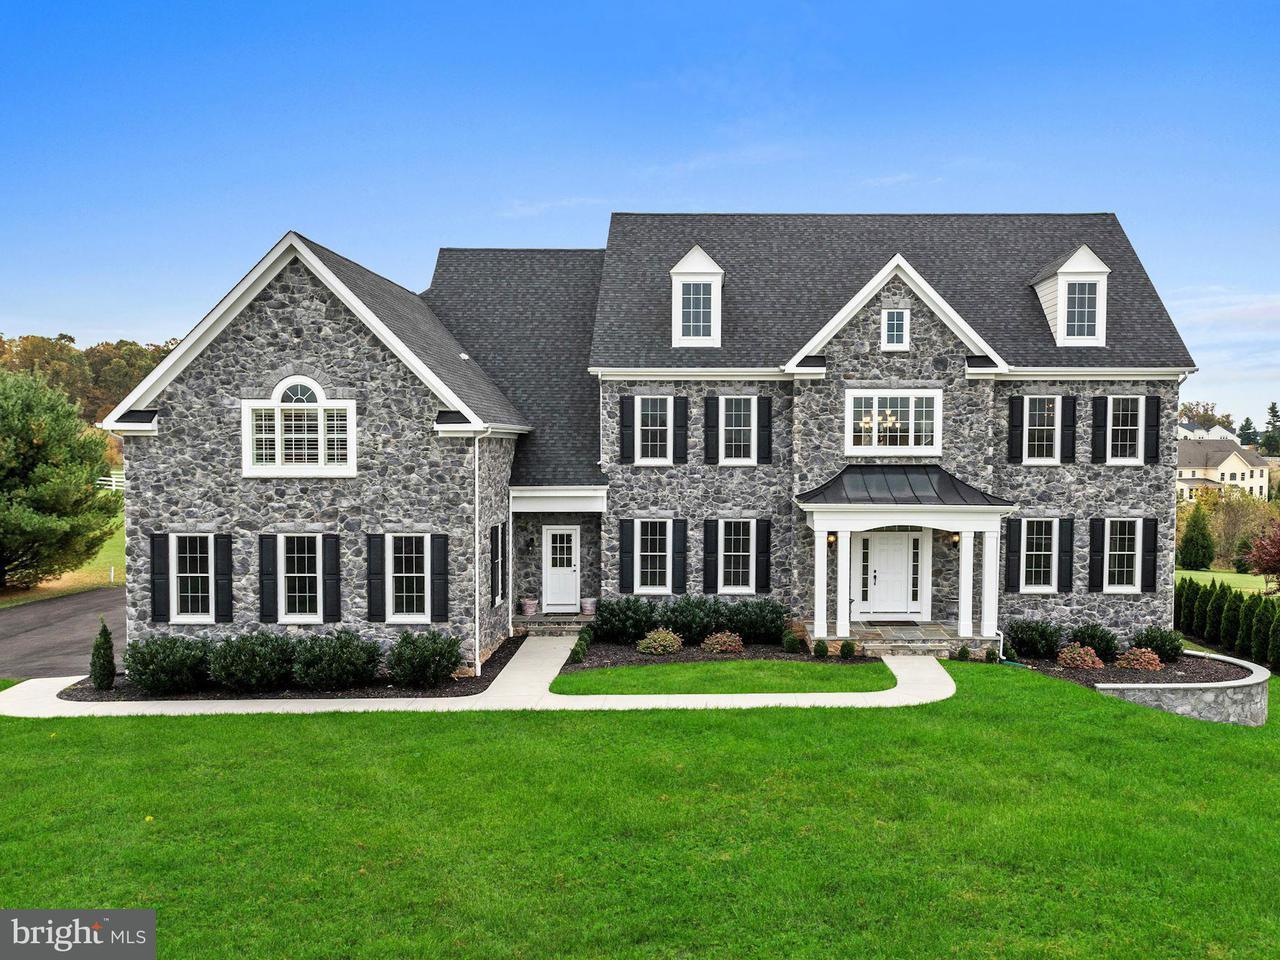 Maison unifamiliale pour l Vente à 3915 CLARKS MEADOW Drive 3915 CLARKS MEADOW Drive Glenwood, Maryland 21738 États-Unis